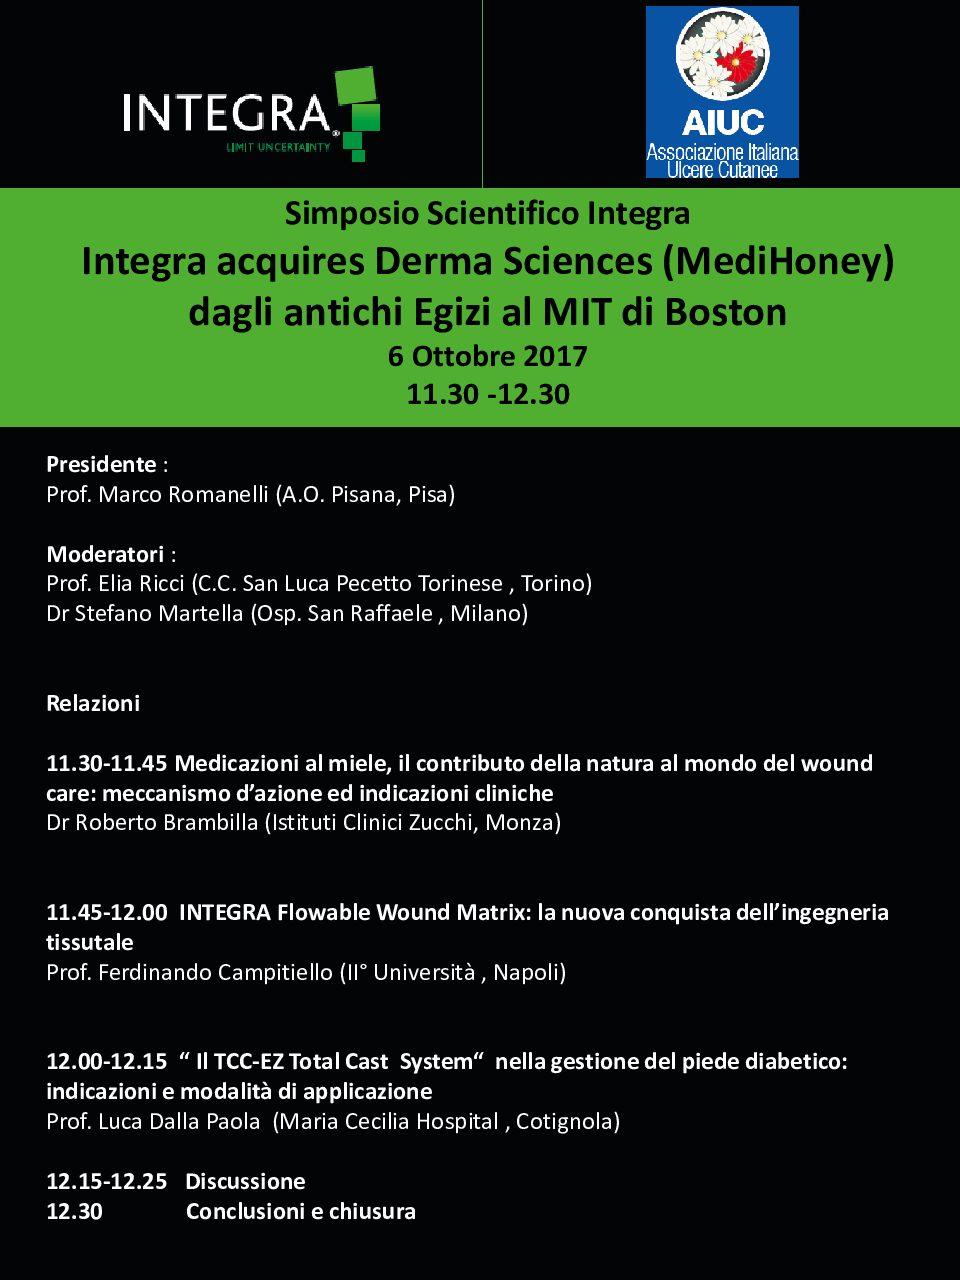 Integra Symposium AIUC torino 2017